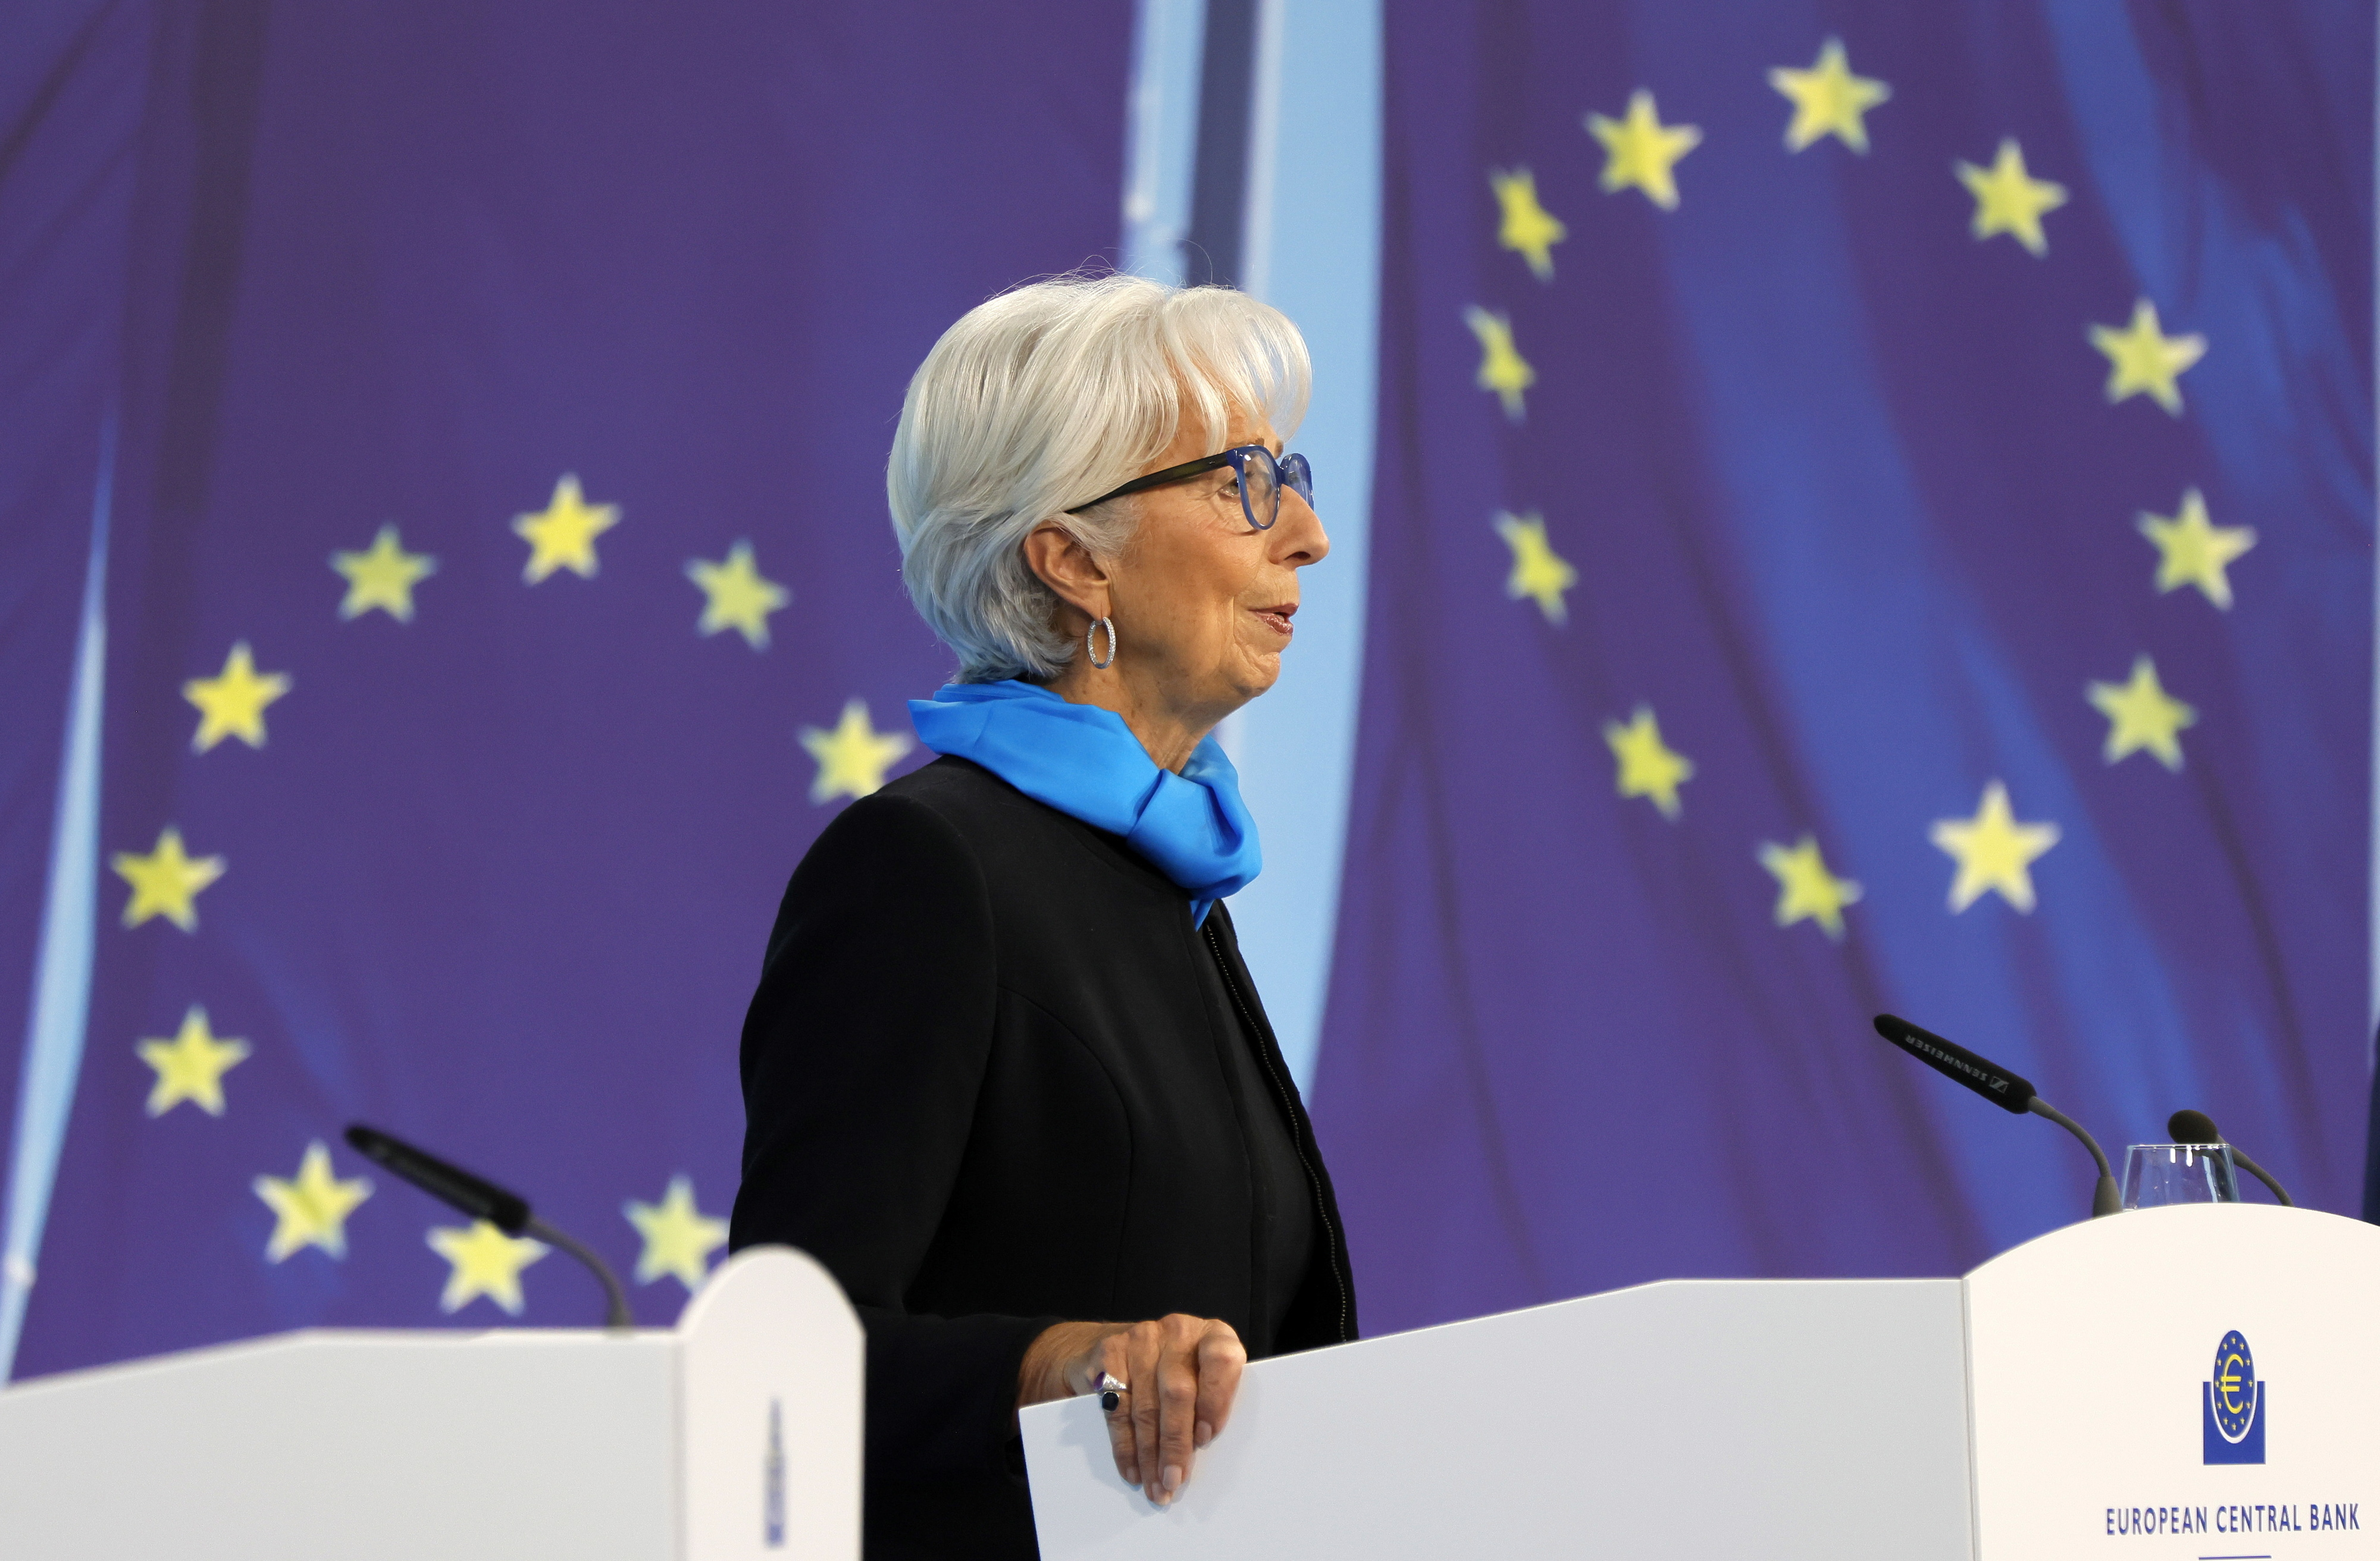 Subida da inflação pode durar mais, mas recuará em 2022 - Lagarde